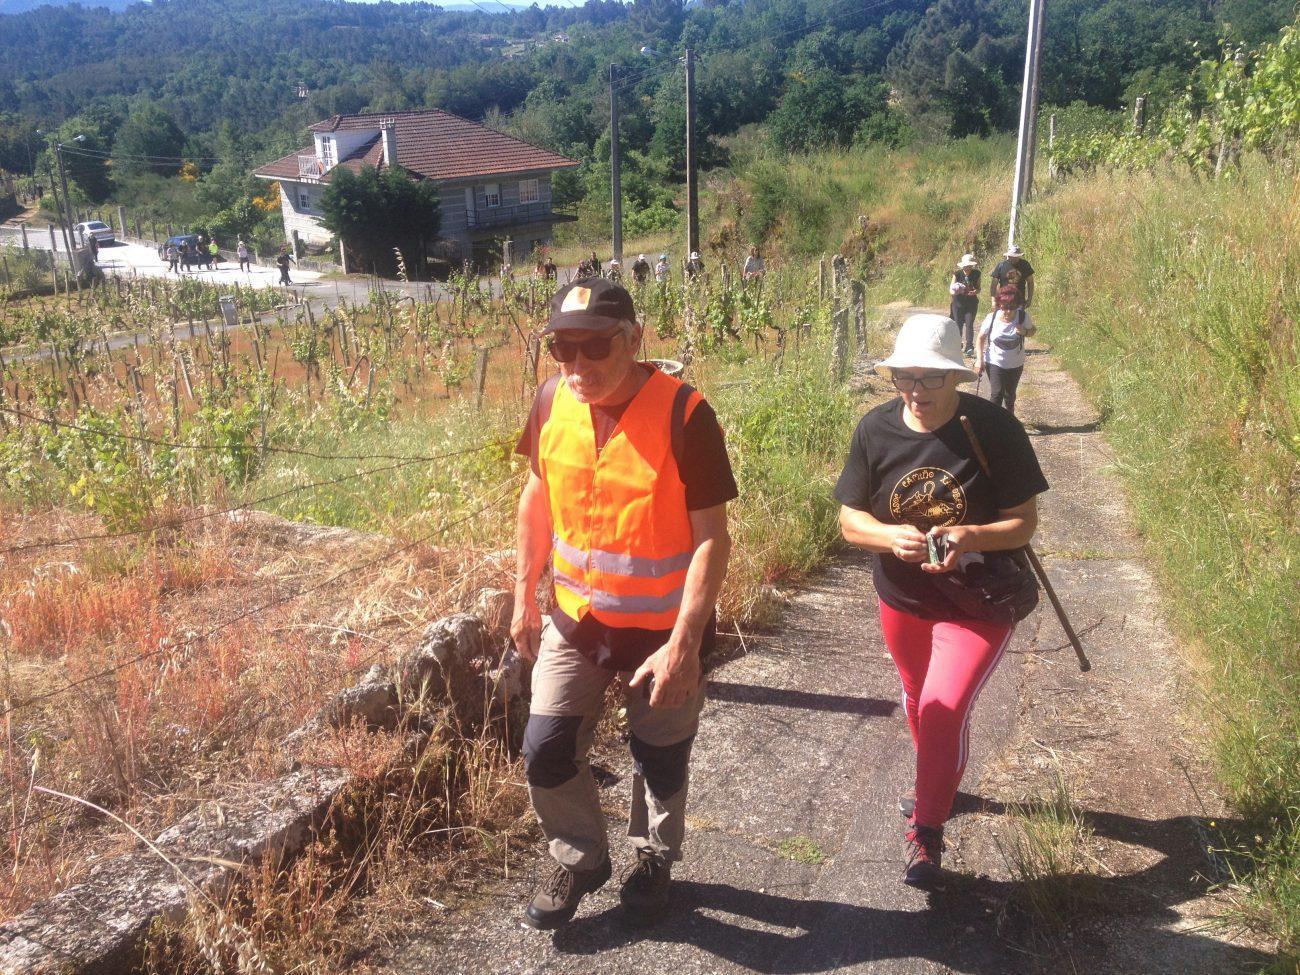 CULTURA - Associação quer que Berán garanta passagem do caminho de Braga a Santiago